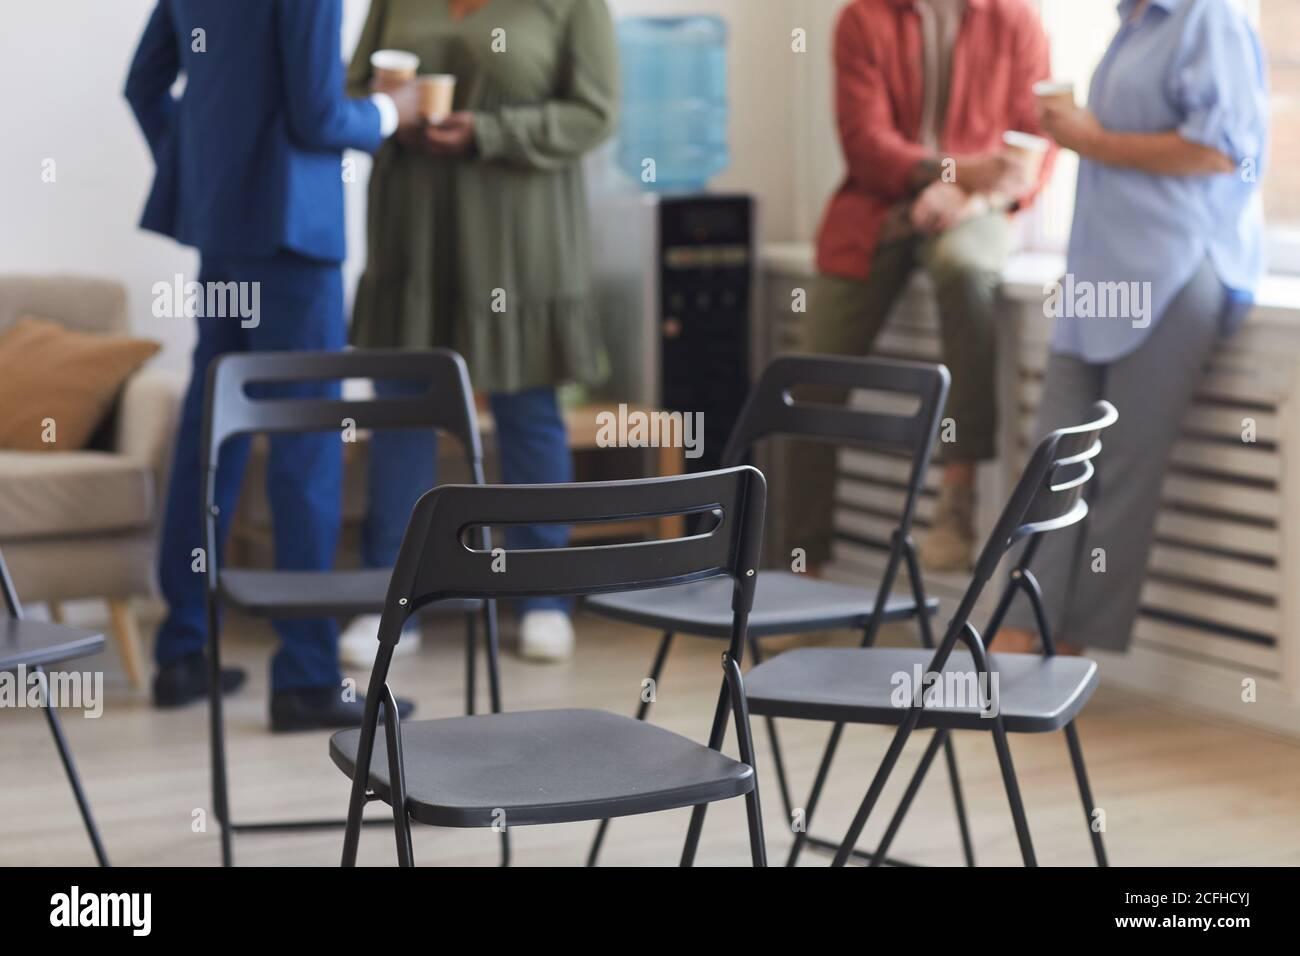 Ausgeschnittene Aufnahme von leeren Stühlen im Kreis während der Support-Gruppe Treffen mit Menschen im Hintergrund chatten, kopieren Raum Stockfoto